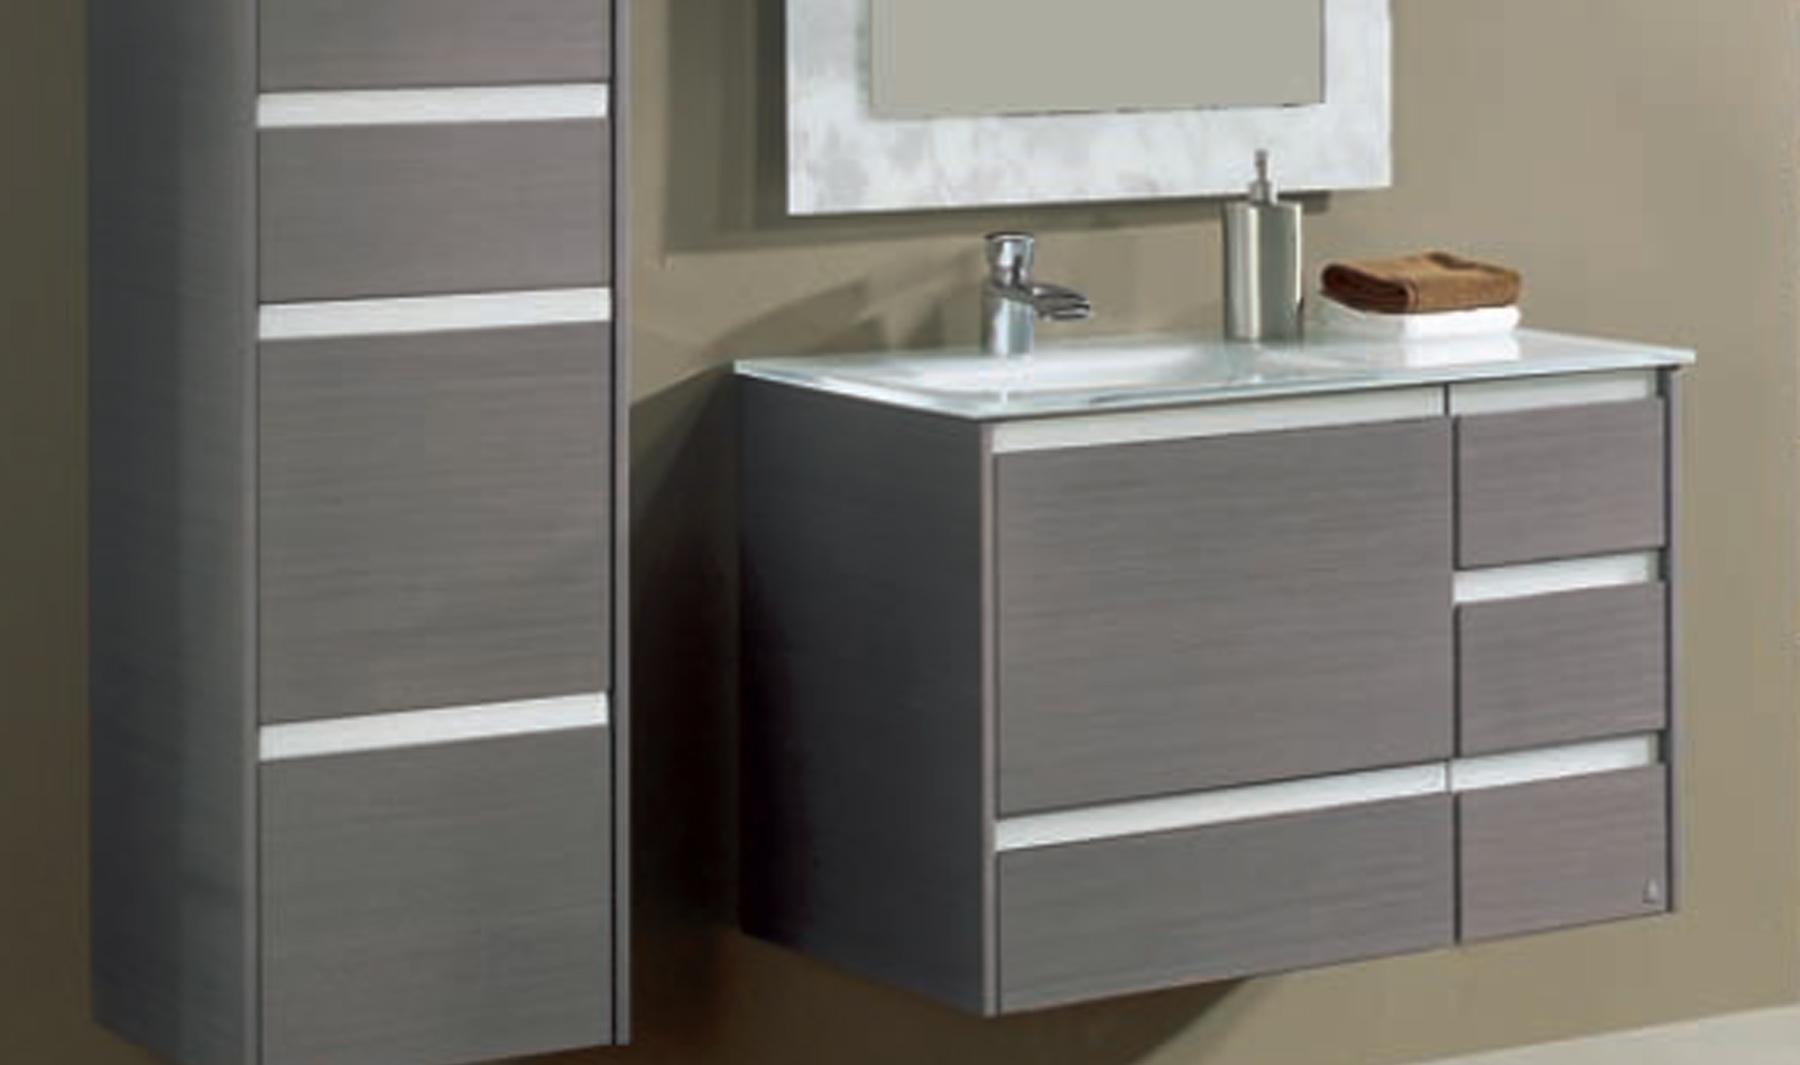 Muebles de ba o utilidad y complementos for Muebles para decoracion de banos